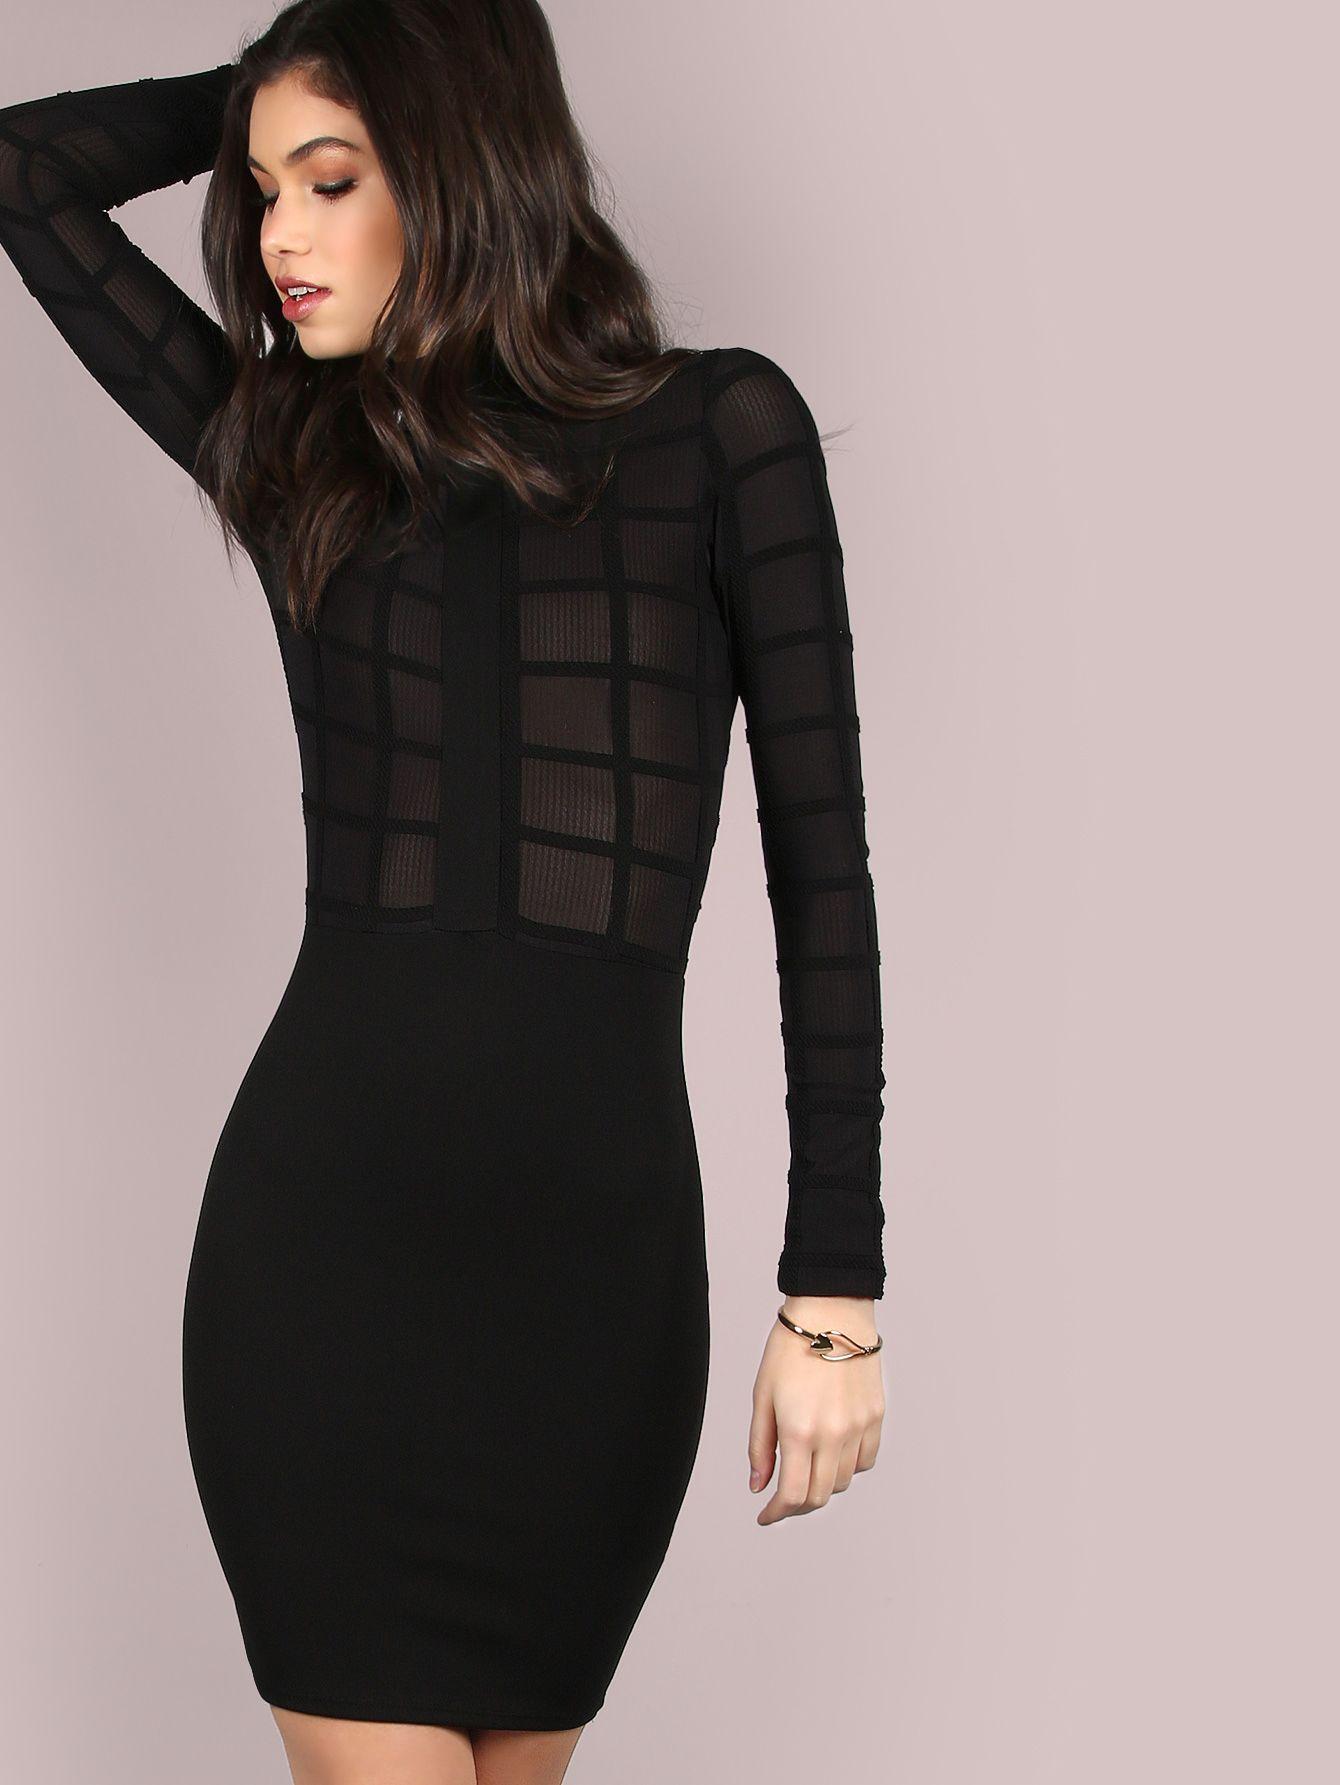 Mesh grid turtleneck dress black makemechiccom make me